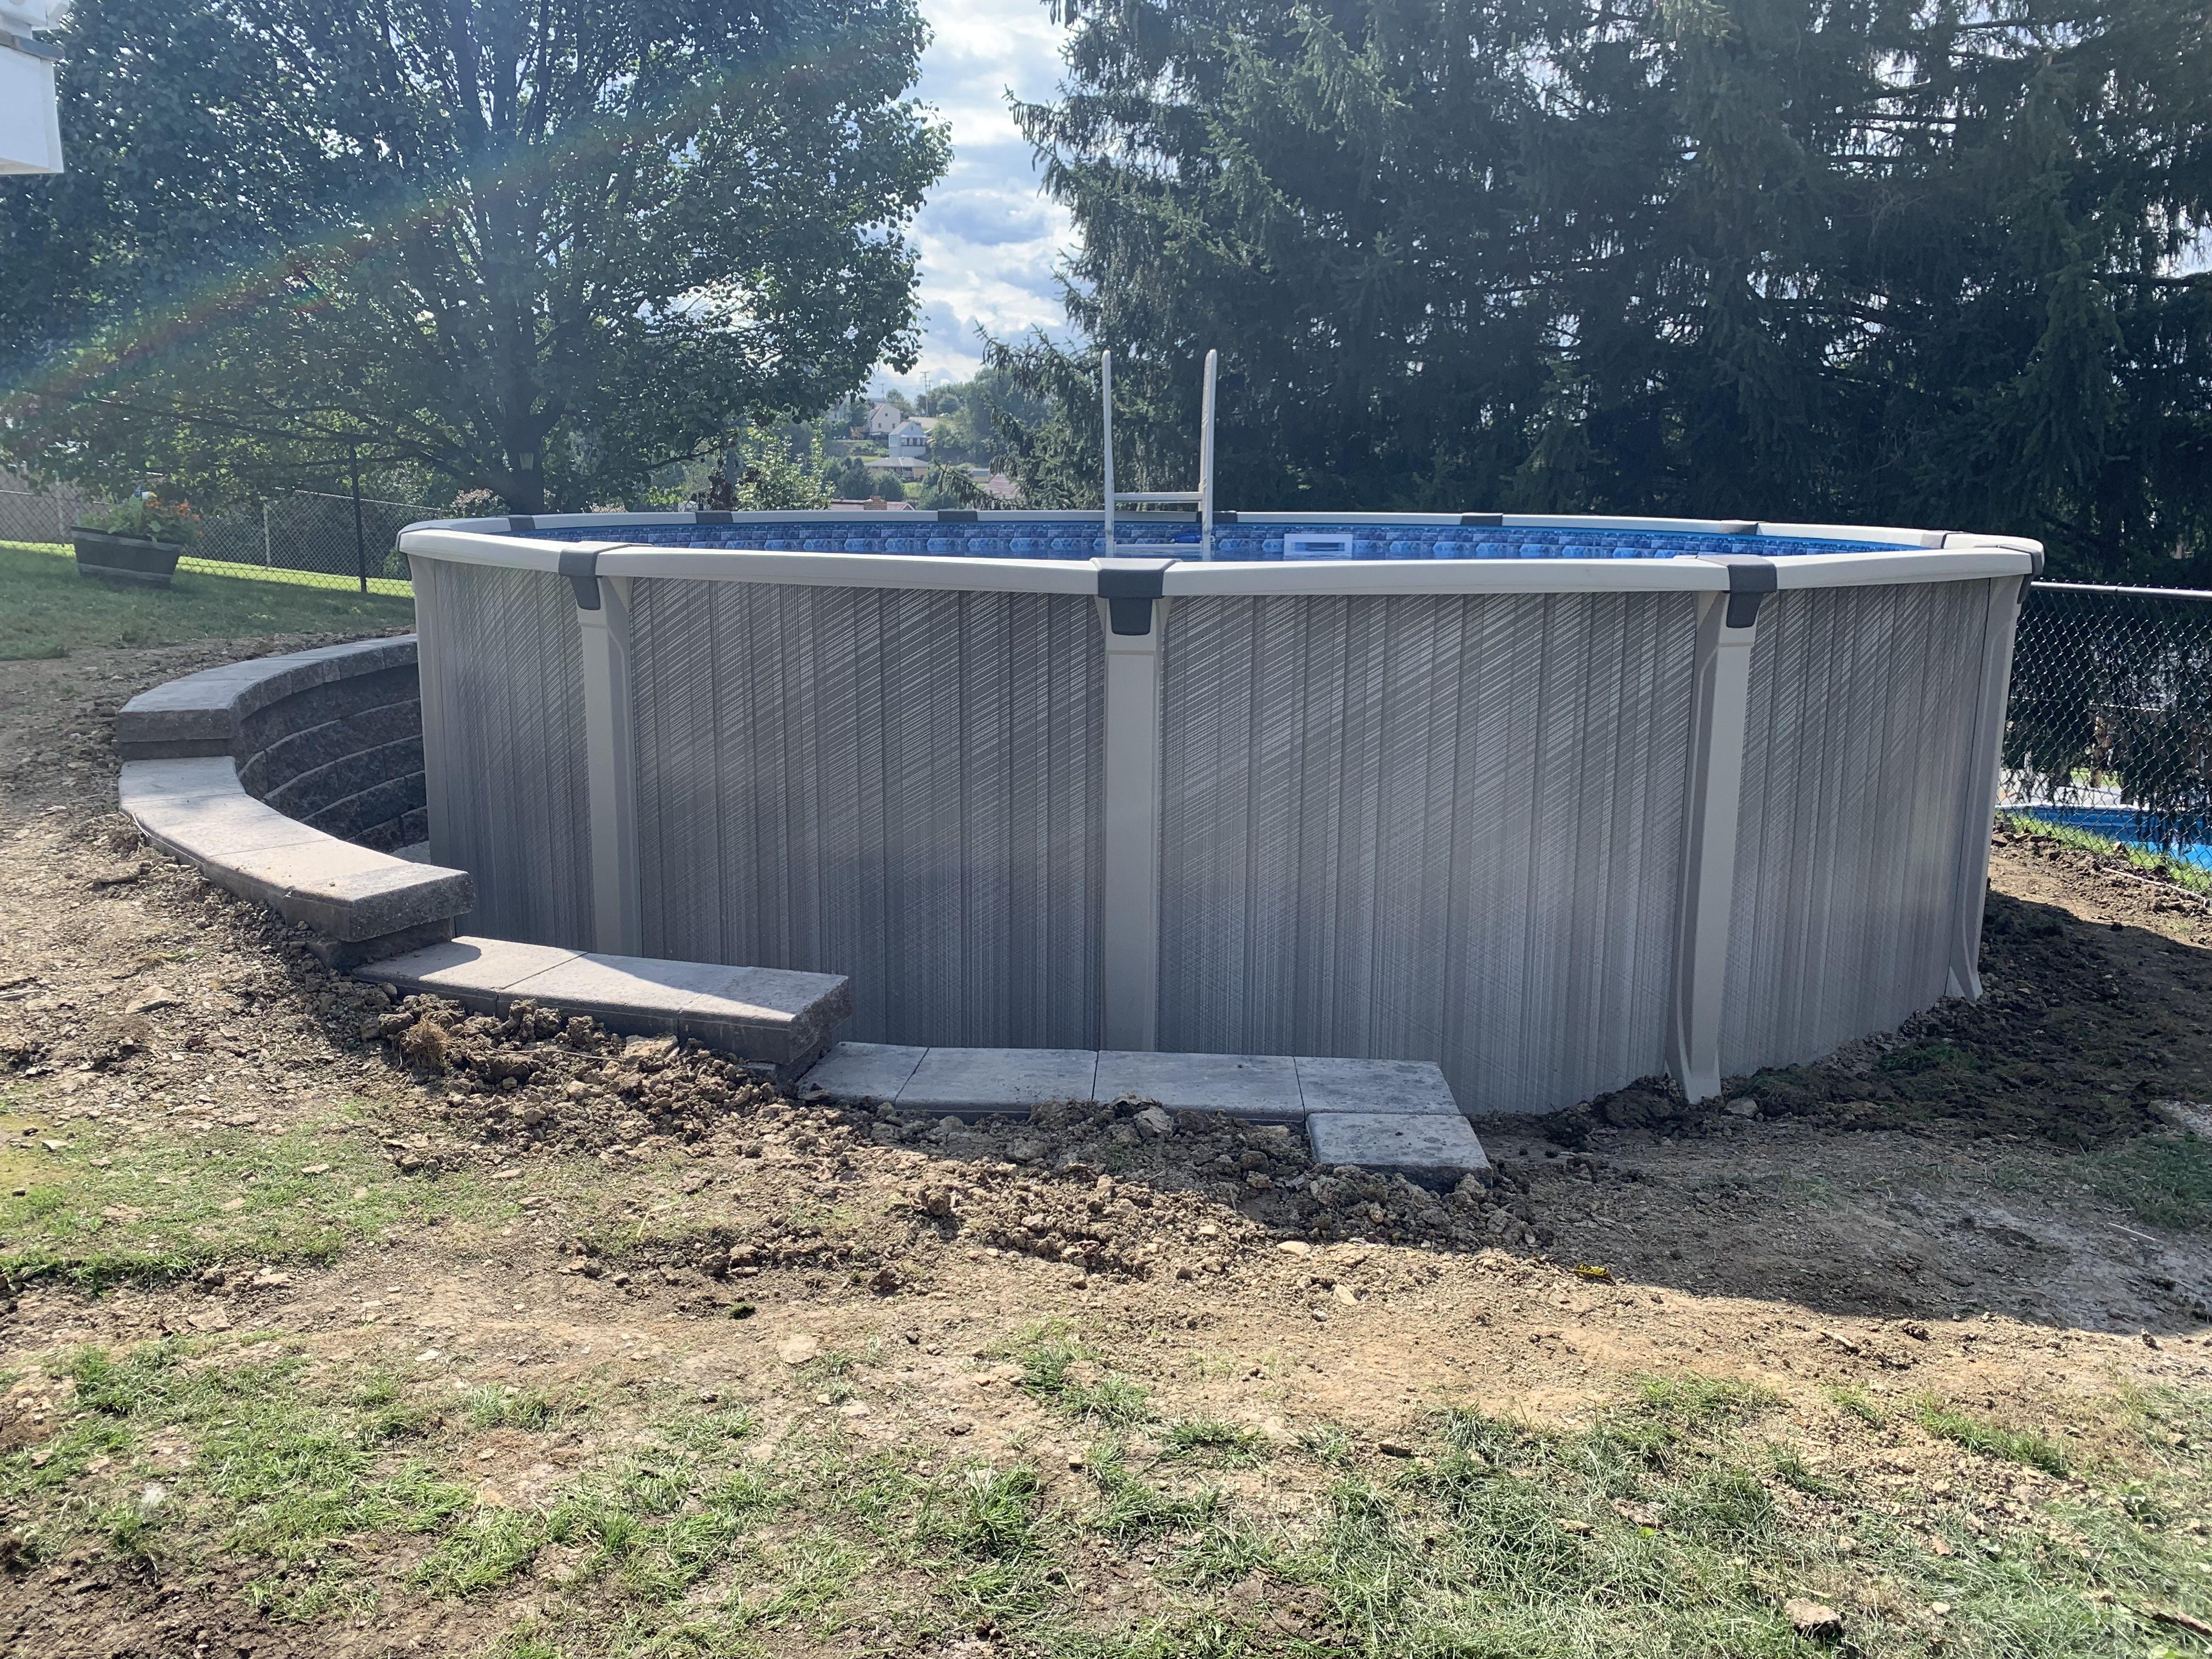 Retaining Wall Around Pool Above Ground Pool Landscaping Backyard Pool Landscaping Oval Pool